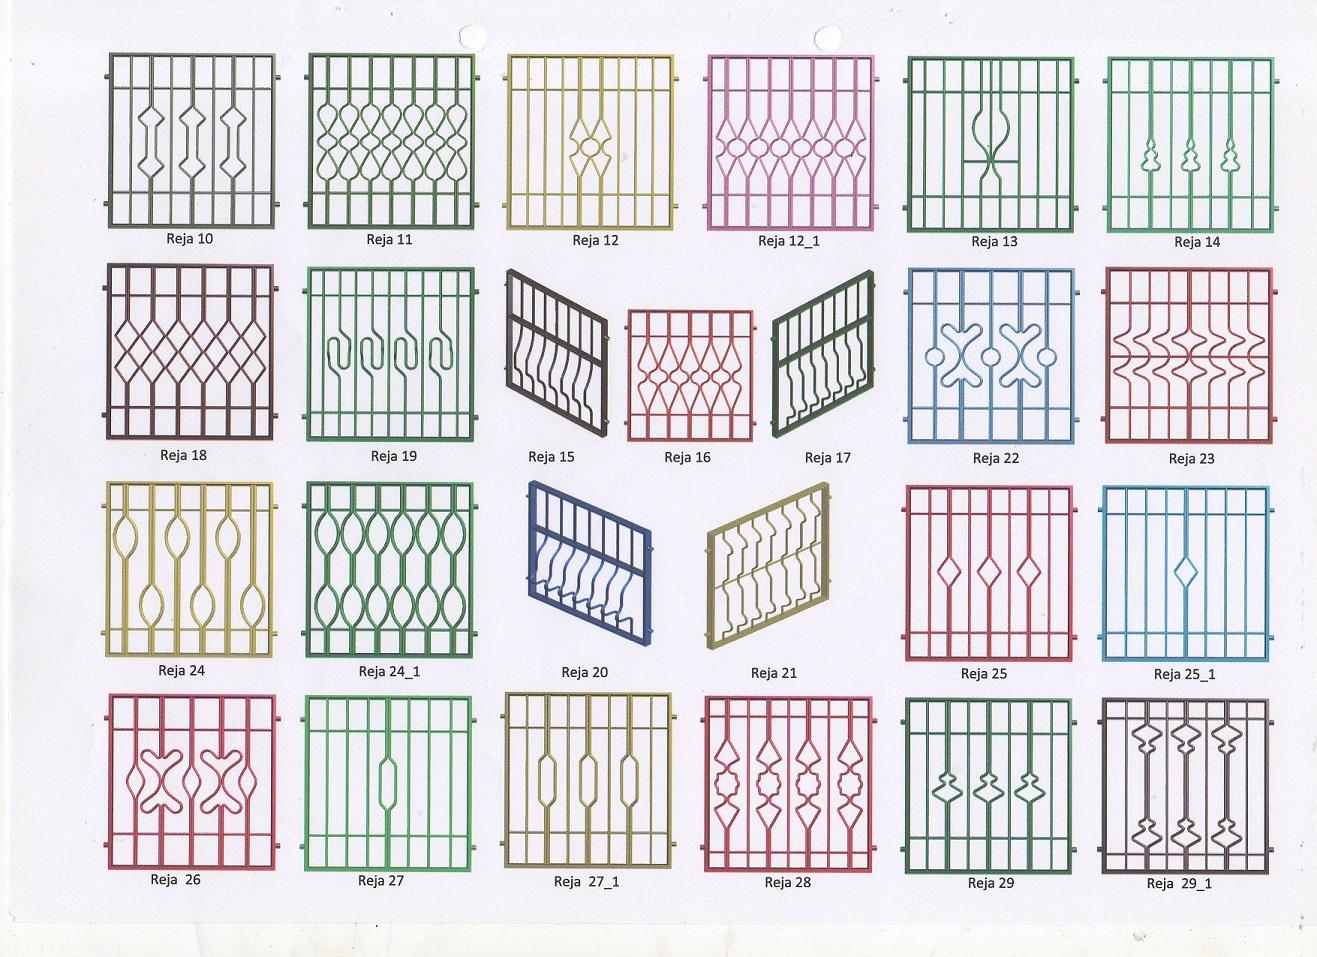 Rejas para ventanas Badalona - Rejas y Ballestas